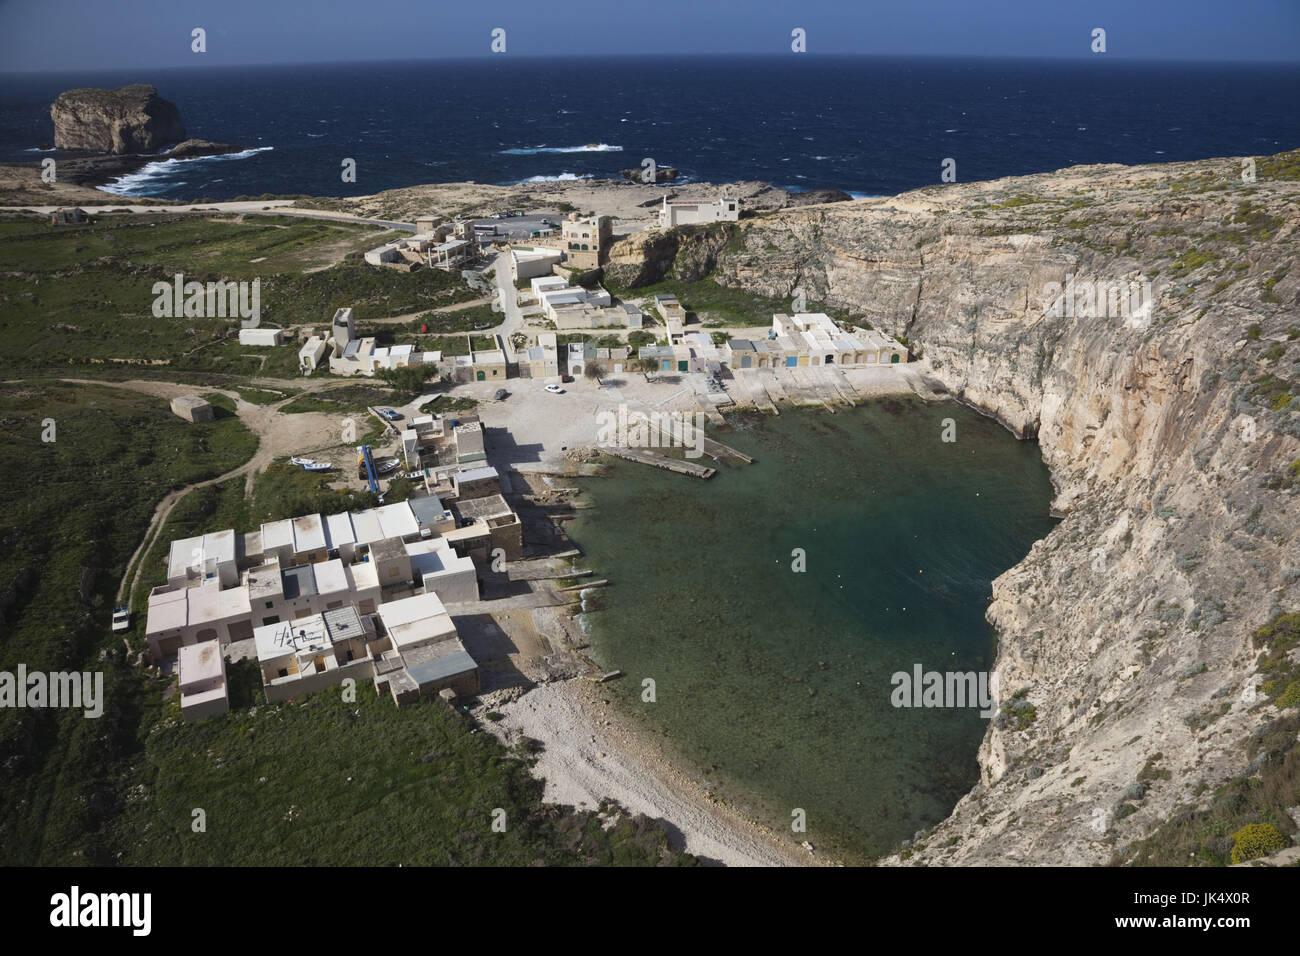 Malta, Insel Gozo, Dwejra, erhöhten Blick auf die Inlandsee Stockbild